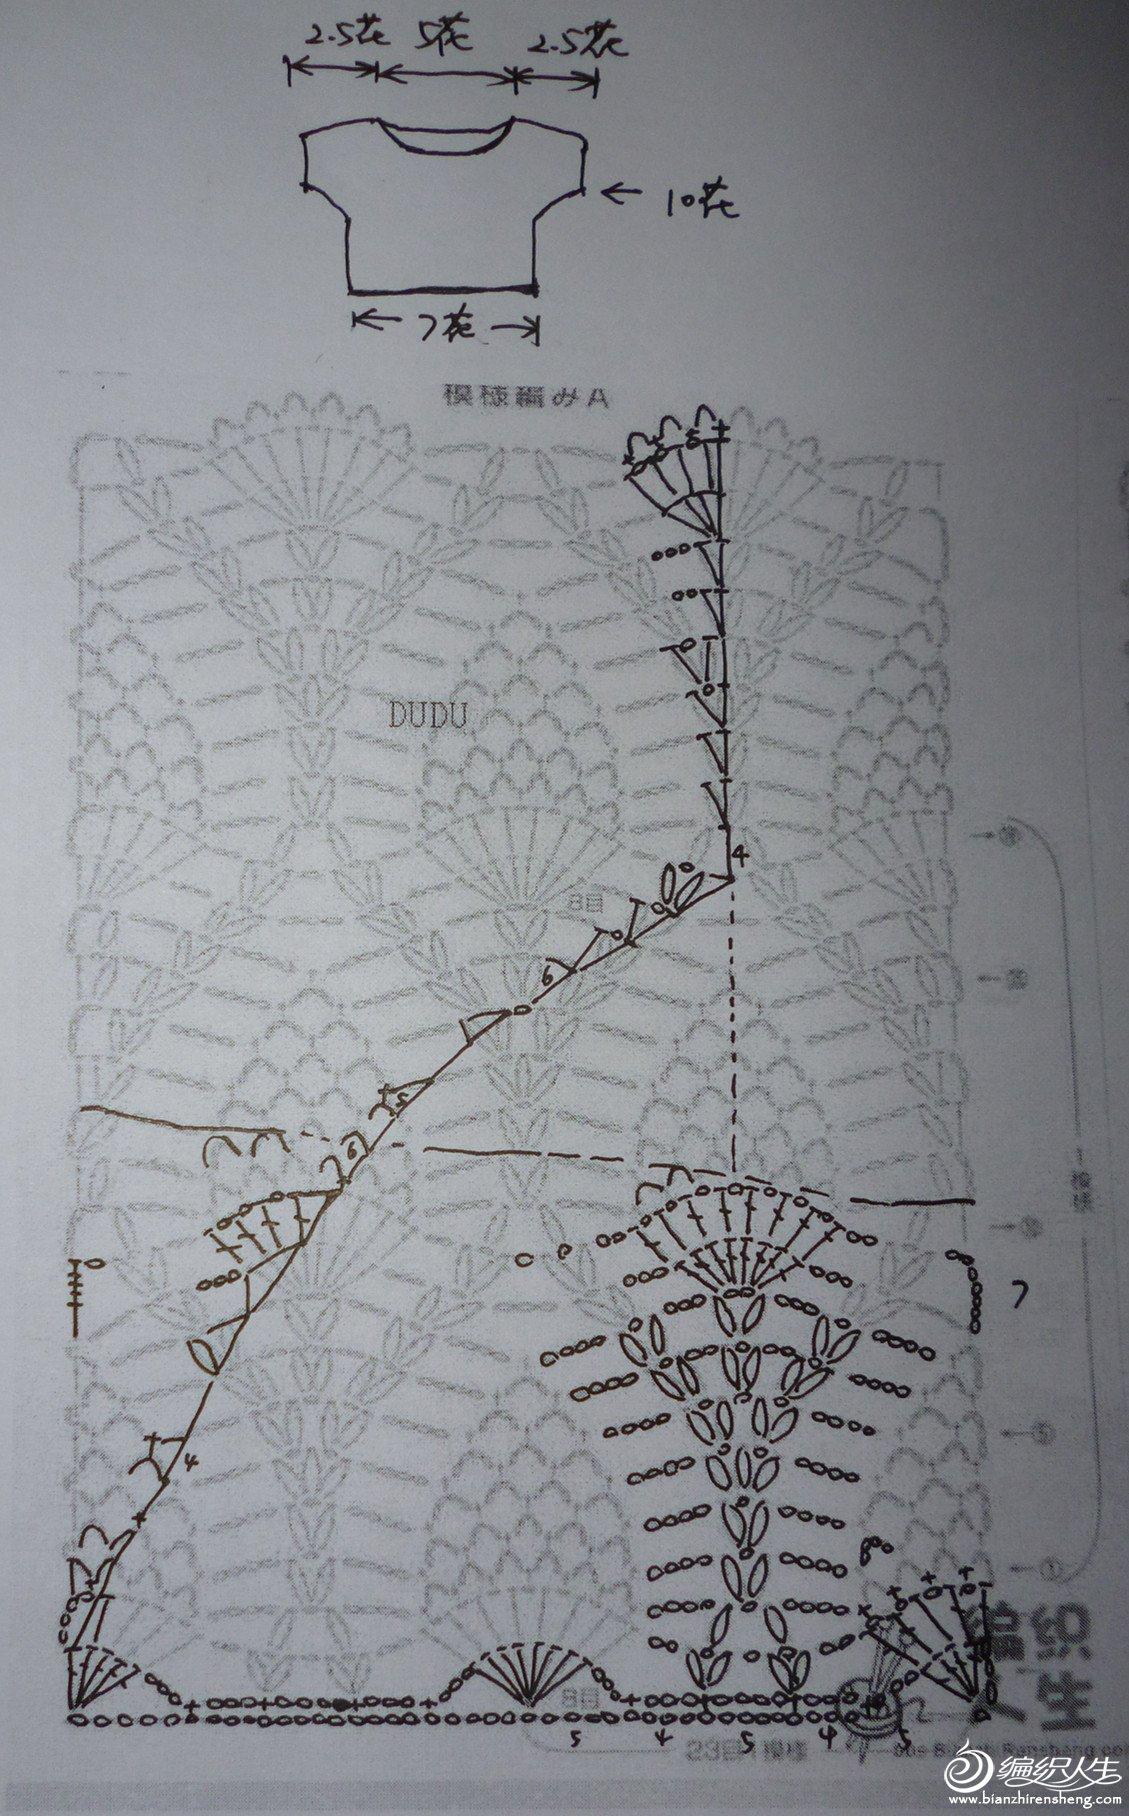 p1000481_副本.jpg